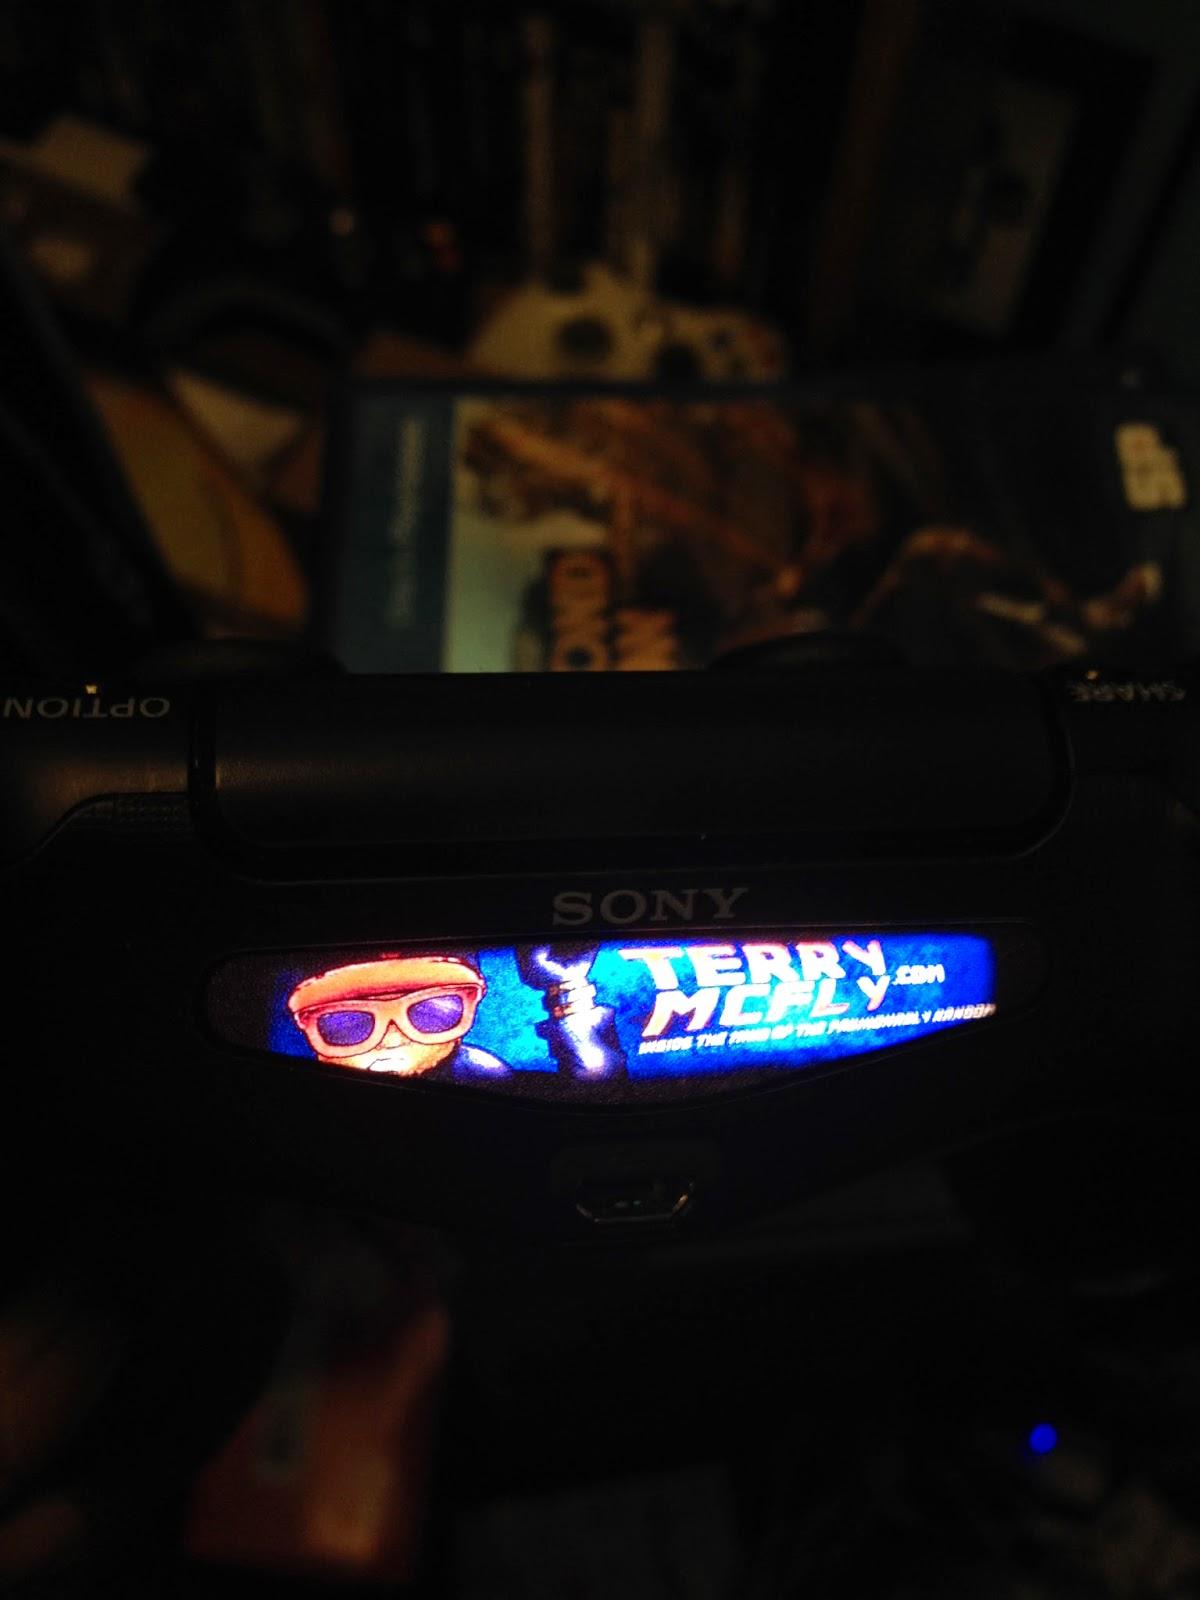 Terrymcfly feature dualshock 4 light bar decals feature dualshock 4 light bar decals aloadofball Gallery